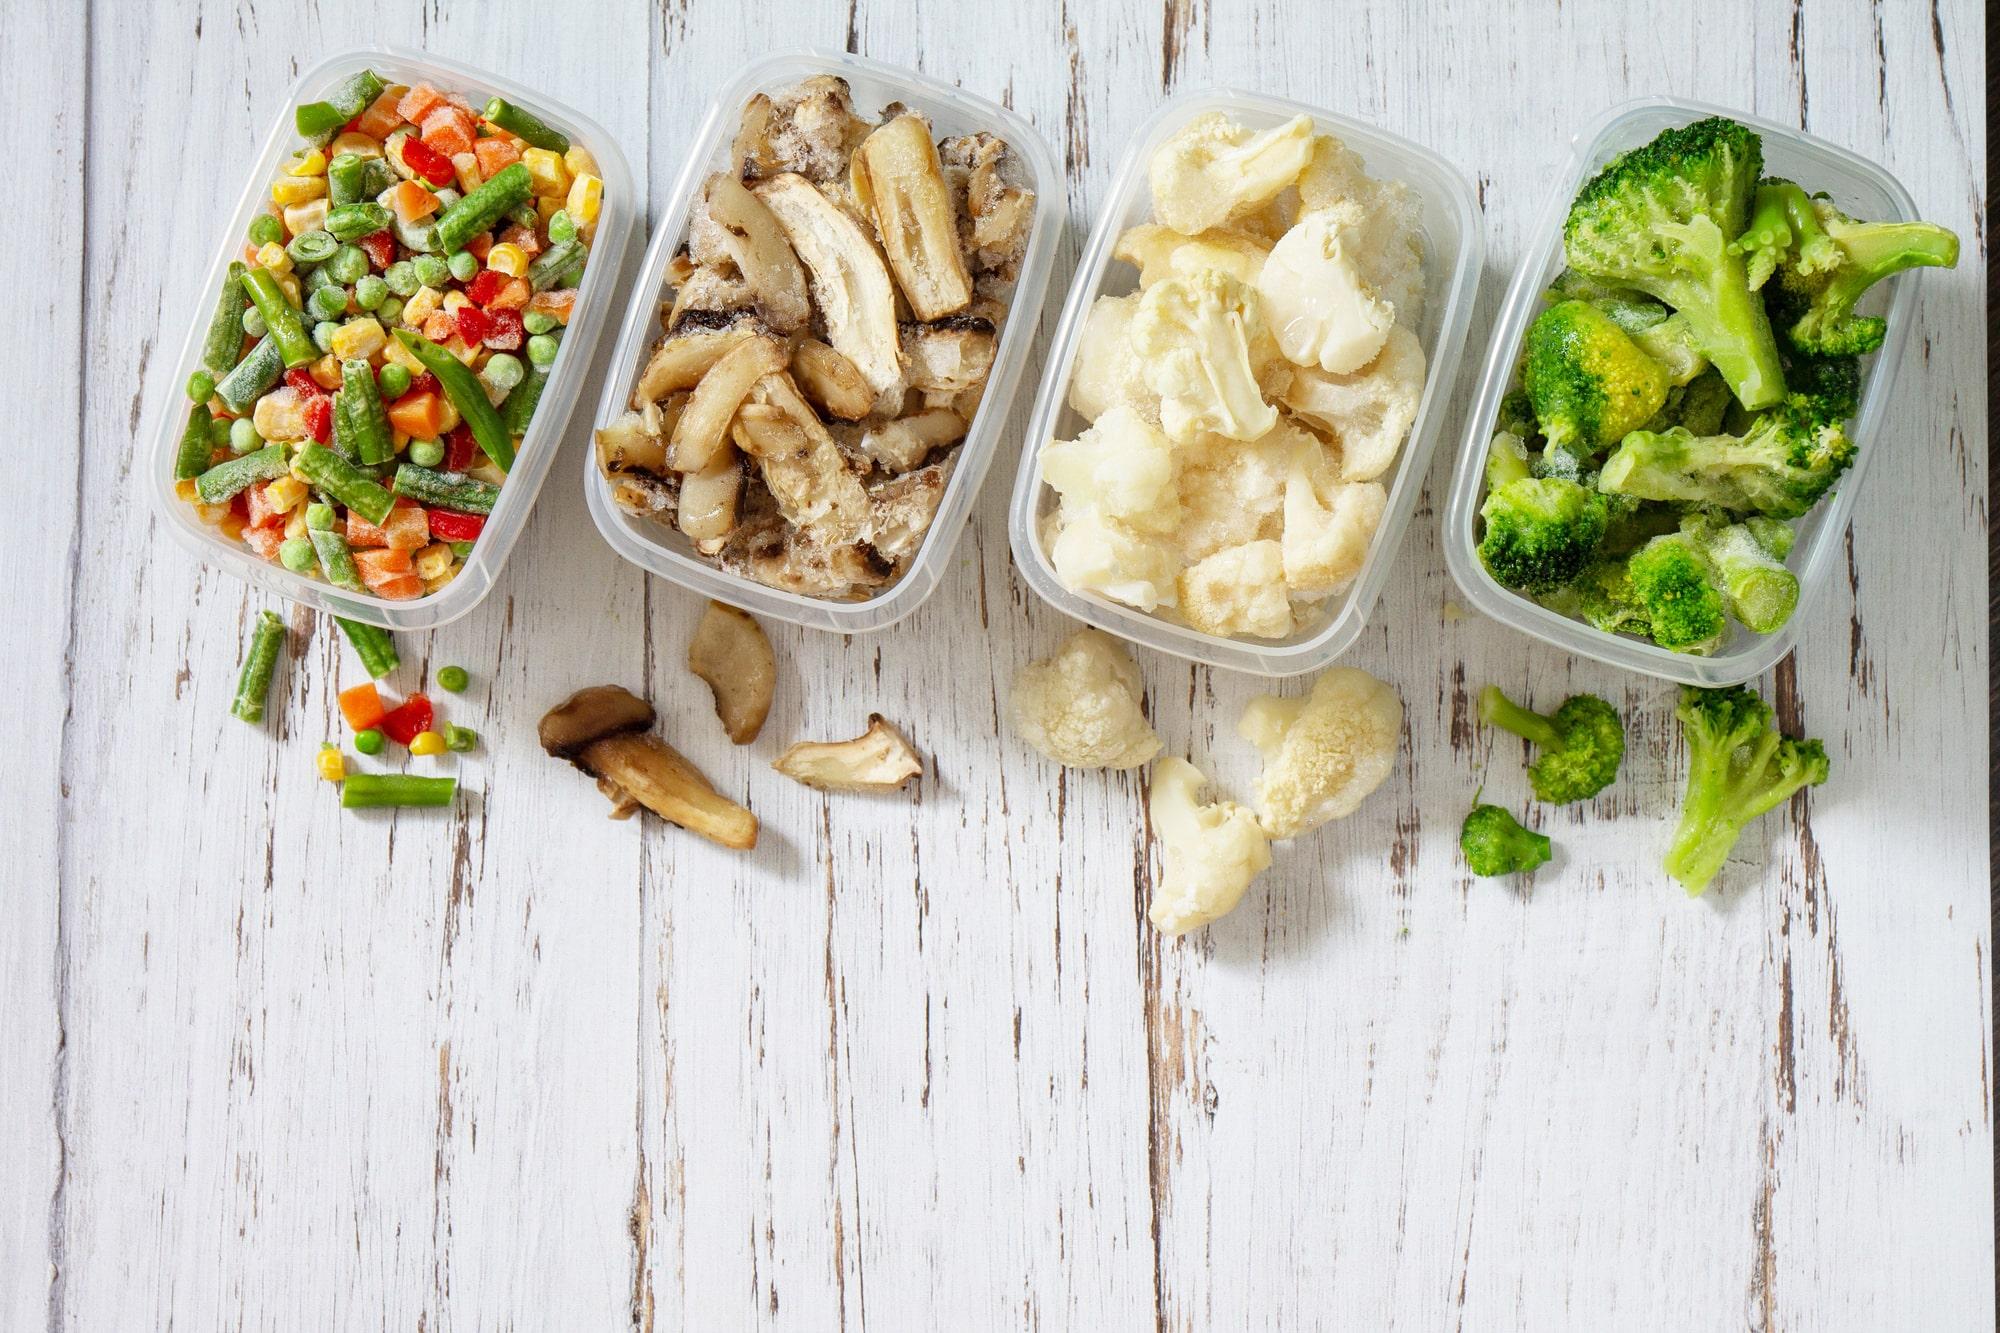 冷凍食品 ダイエット